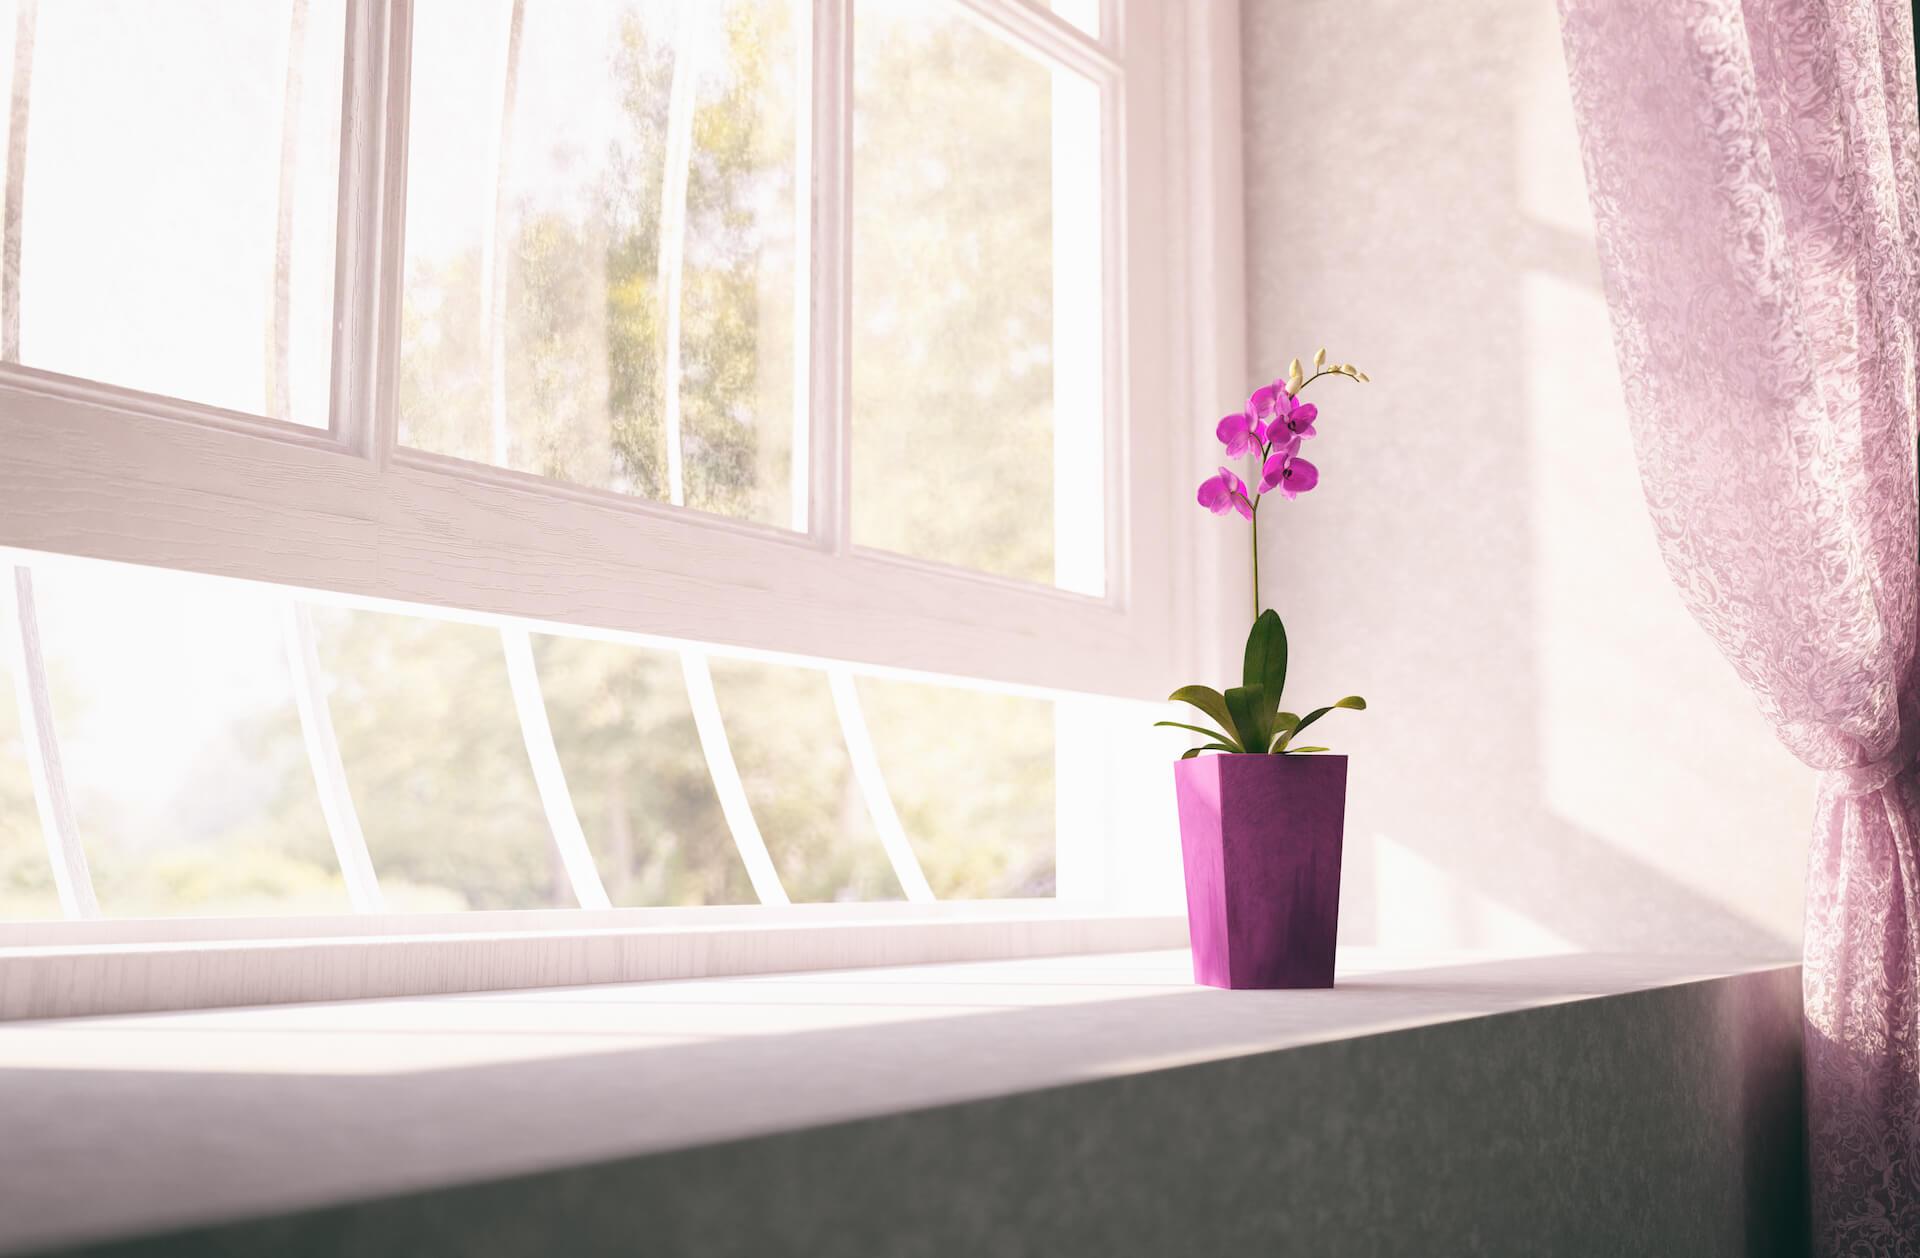 Extraordinary window treatments